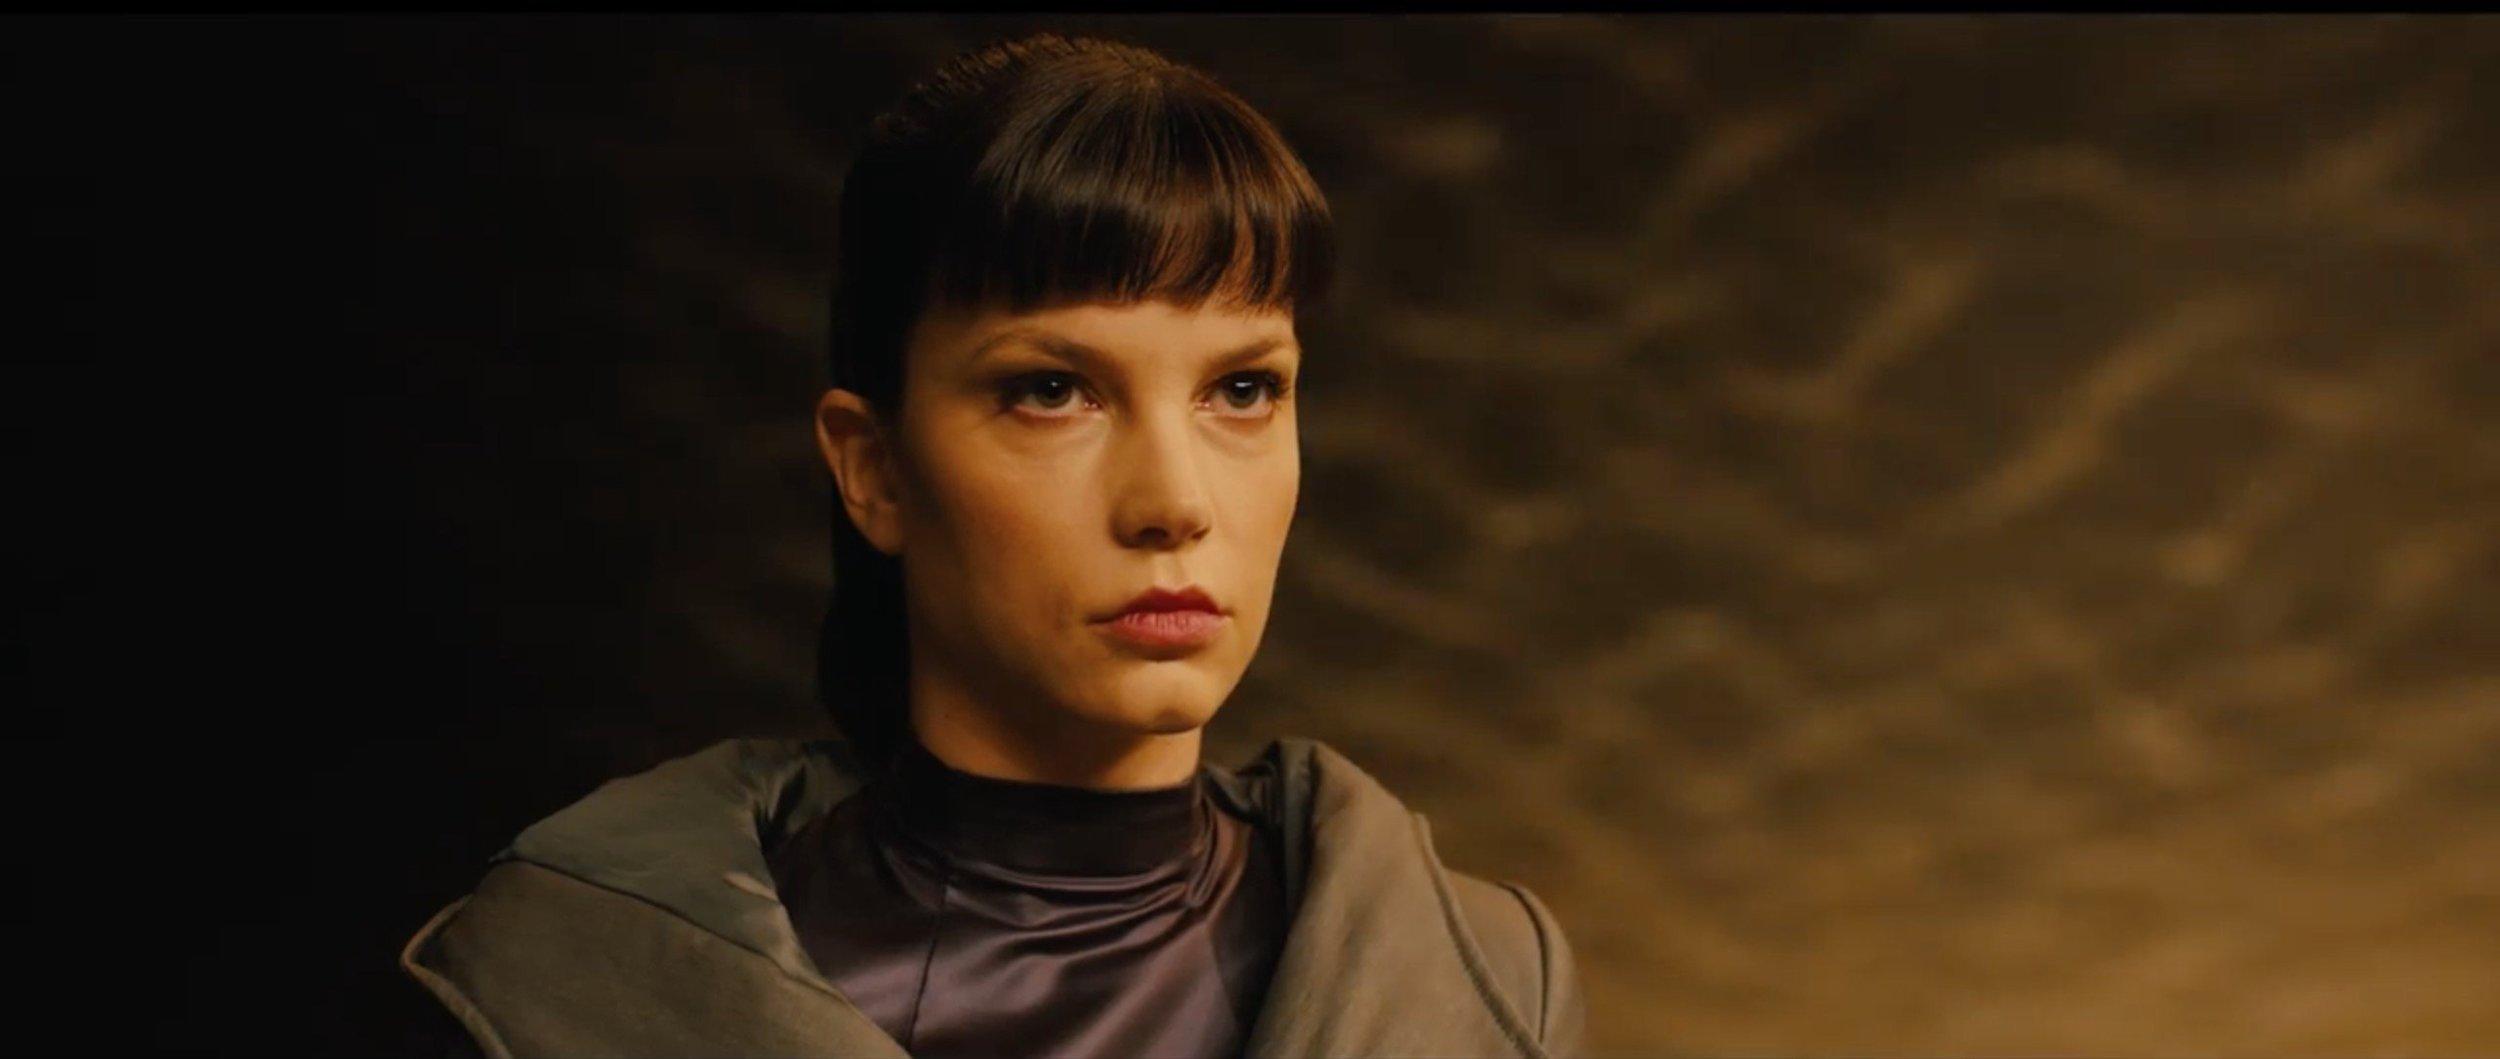 Blade-Runner-2049-trailer-breakdown-25.jpg